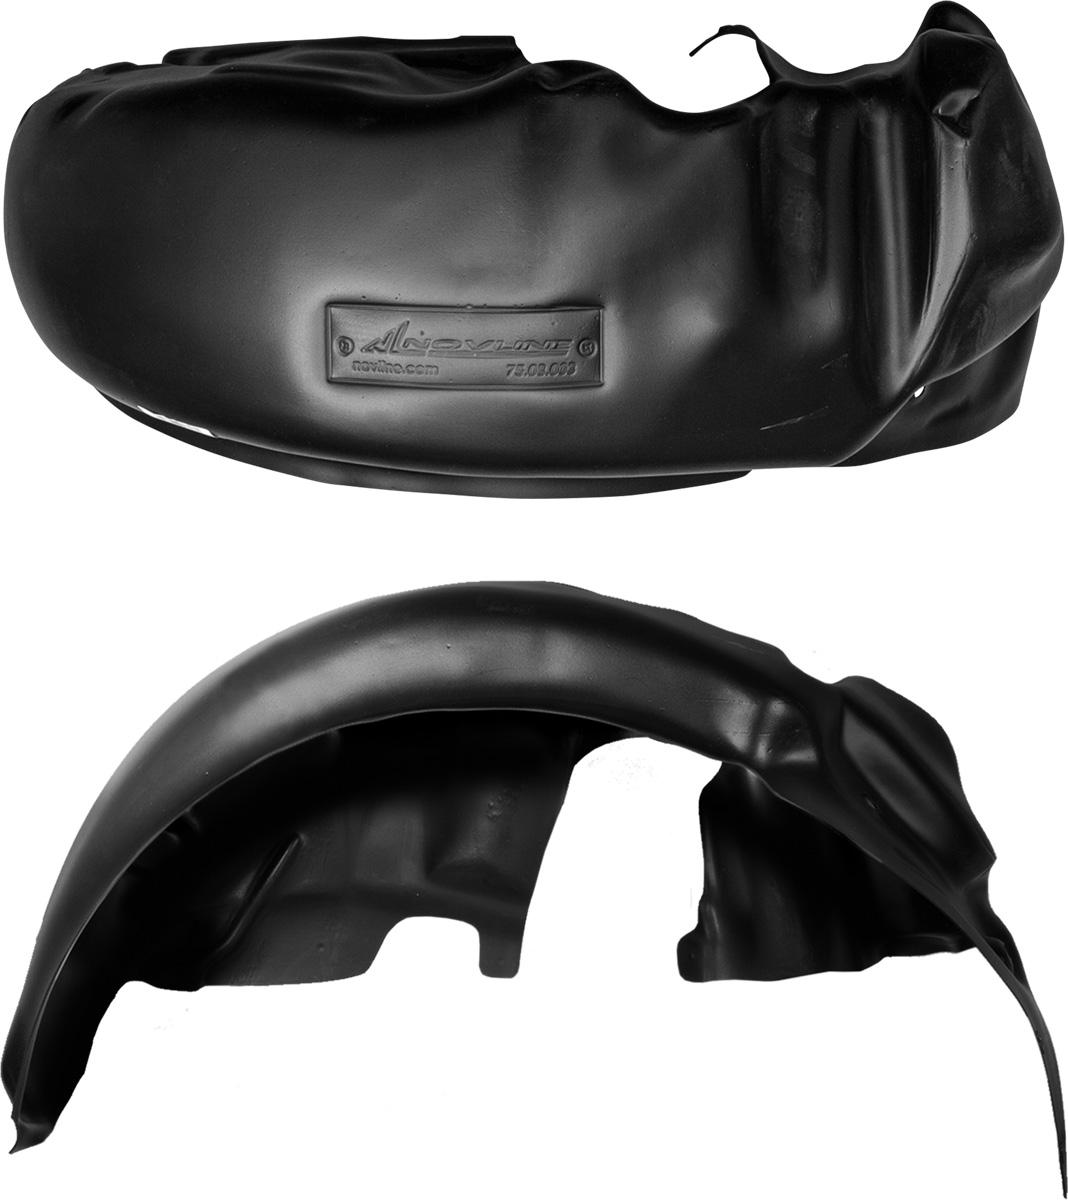 Подкрылок Novline-Autofamily, для Renault Sandero Stepway, 2010-2014, задний левыйNLL.41.28.003Колесные ниши - одни из самых уязвимых зон днища вашего автомобиля. Они постоянно подвергаются воздействию со стороны дороги. Лучшая, почти абсолютная защита для них - специально отформованные пластиковые кожухи, которые называются подкрылками. Производятся они как для отечественных моделей автомобилей, так и для иномарок. Подкрылки Novline-Autofamily выполнены из высококачественного, экологически чистого пластика. Обеспечивают надежную защиту кузова автомобиля от пескоструйного эффекта и негативного влияния, агрессивных антигололедных реагентов. Пластик обладает более низкой теплопроводностью, чем металл, поэтому в зимний период эксплуатации использование пластиковых подкрылков позволяет лучше защитить колесные ниши от налипания снега и образования наледи. Оригинальность конструкции подчеркивает элегантность автомобиля, бережно защищает нанесенное на днище кузова антикоррозийное покрытие и позволяет осуществить крепление подкрылков внутри колесной арки практически без дополнительного крепежа и сверления, не нарушая при этом лакокрасочного покрытия, что предотвращает возникновение новых очагов коррозии. Подкрылки долговечны, обладают высокой прочностью и сохраняют заданную форму, а также все свои физико-механические характеристики в самых тяжелых климатических условиях (от -50°С до +50°С).Уважаемые клиенты!Обращаем ваше внимание, на тот факт, что подкрылок имеет форму, соответствующую модели данного автомобиля. Фото служит для визуального восприятия товара.